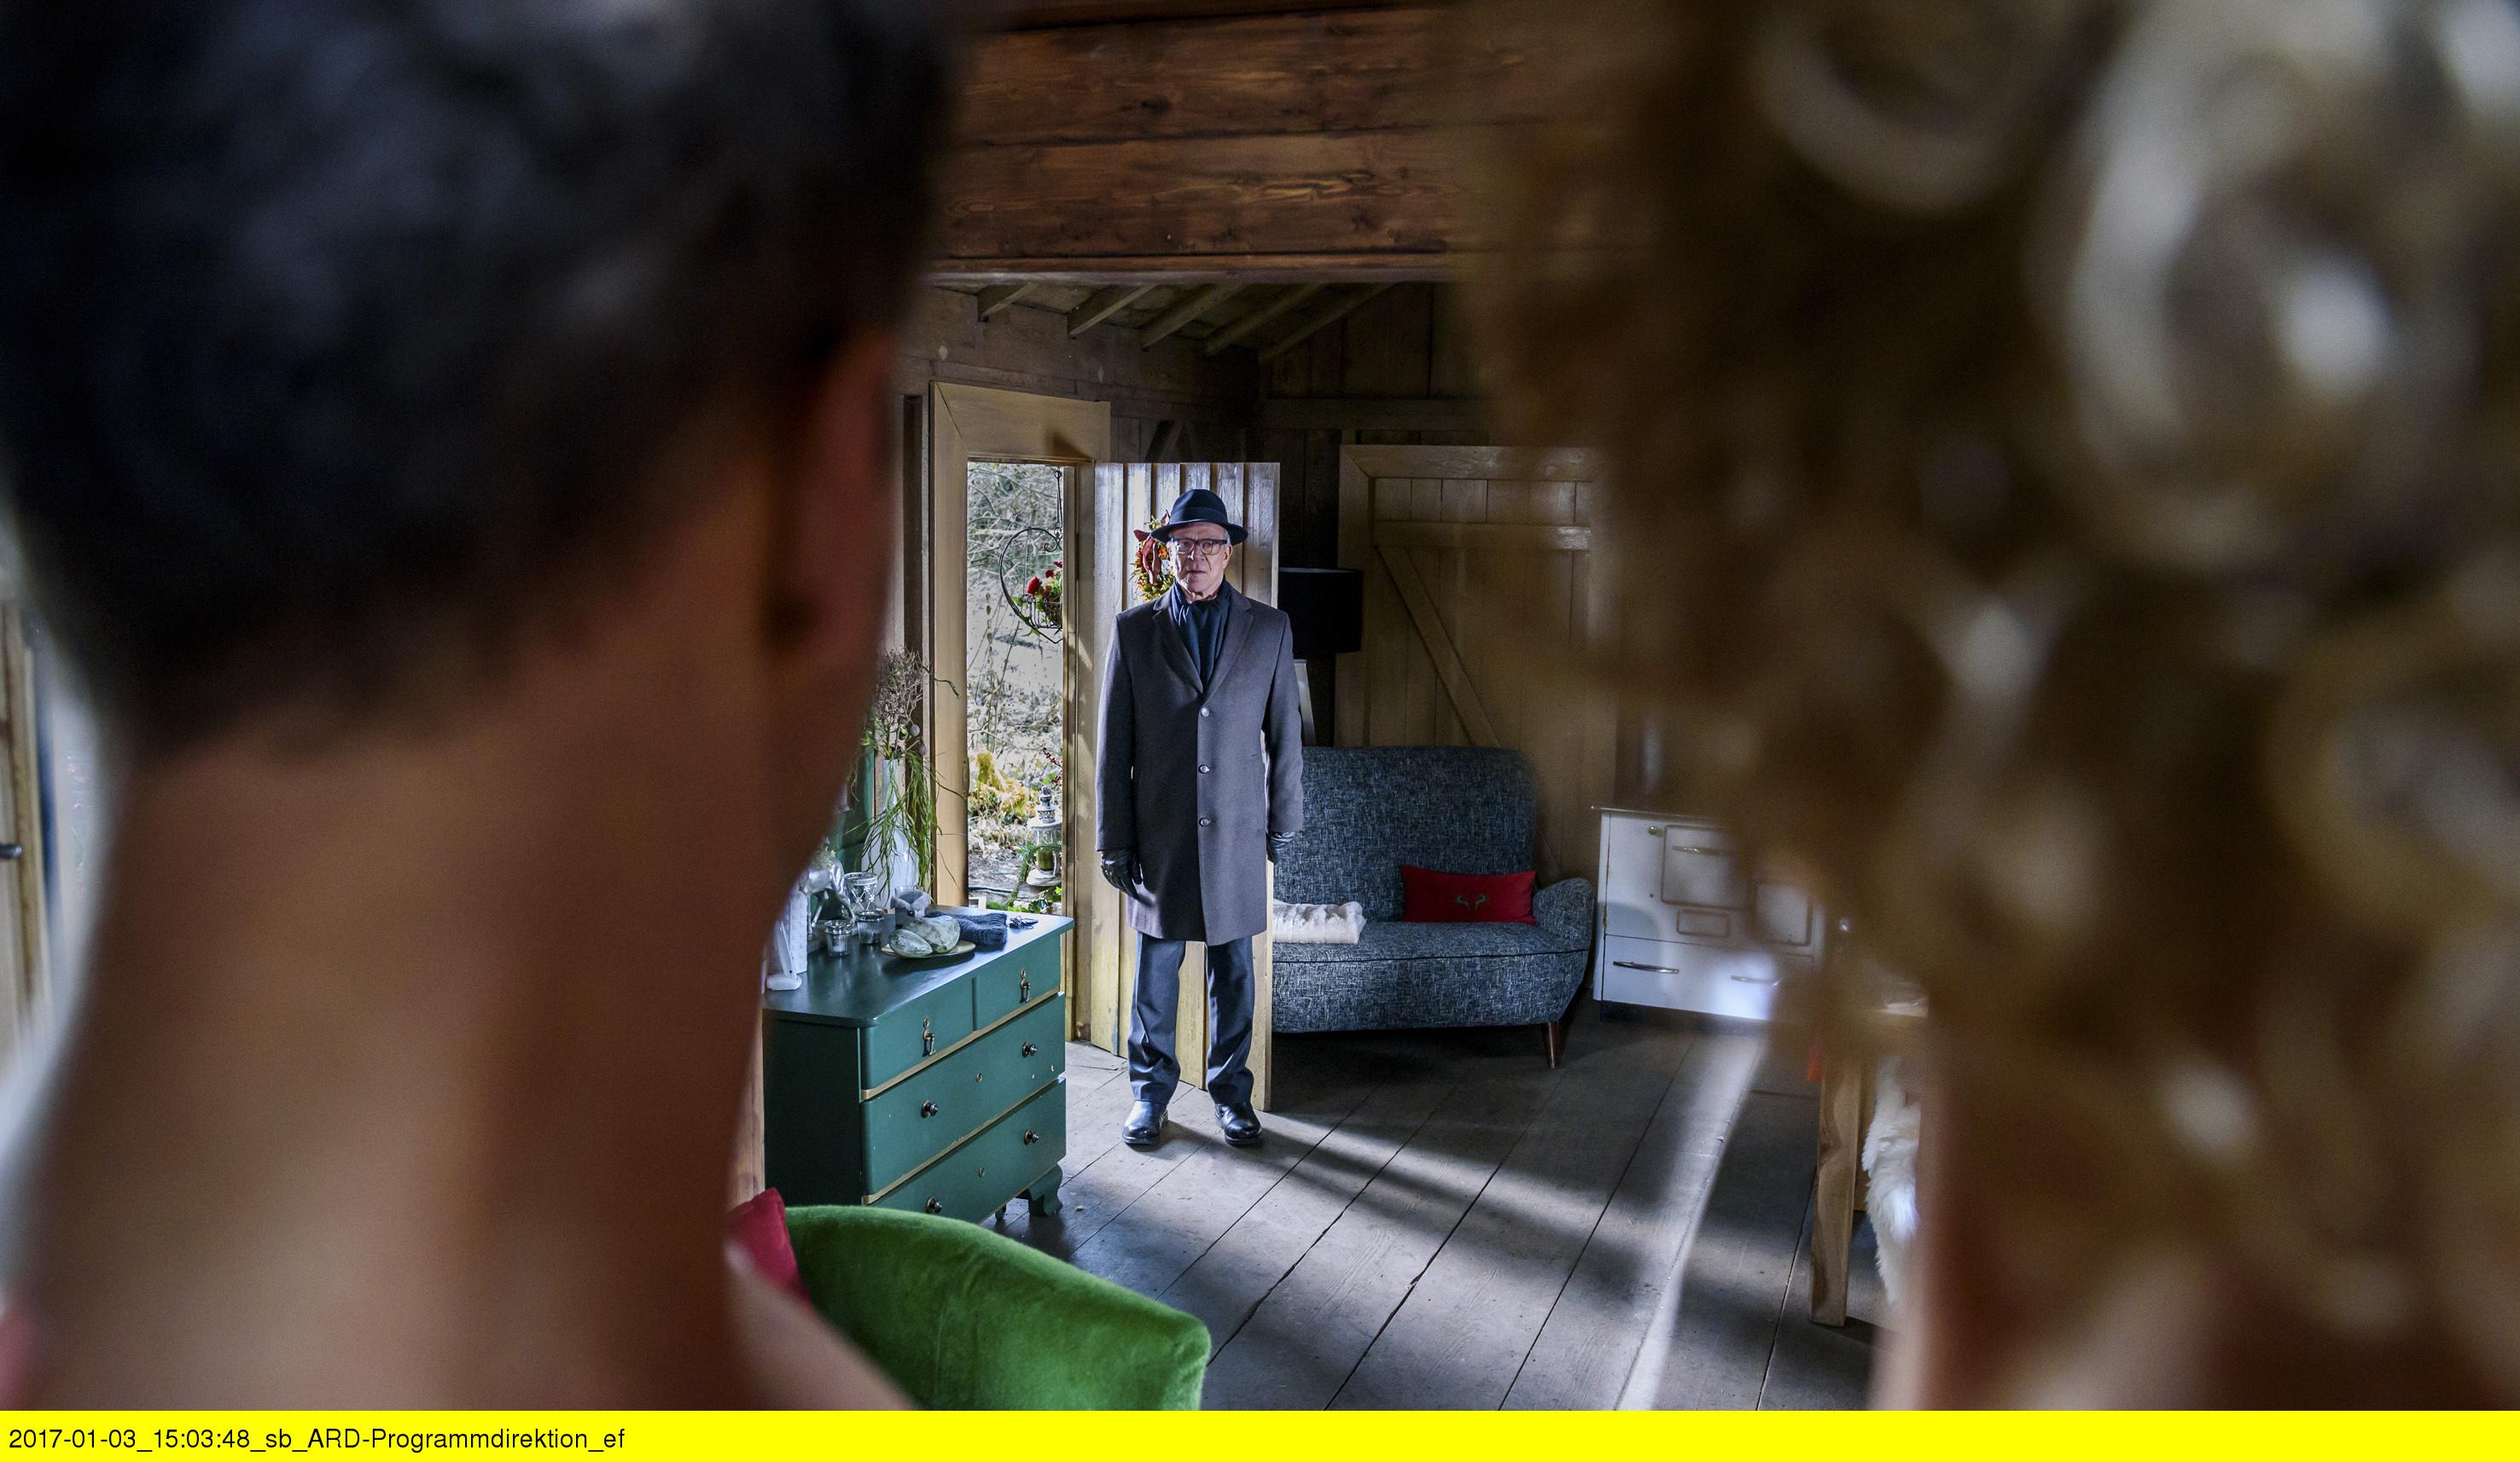 ARD STURM DER LIEBE FOLGE 2639, am Dienstag (28.02.17) um 15:10 Uhr im ERSTEN. Werner (Dirk Galuba, M.) erwischt Natascha (Melanie Wiegmann, r.) und Nils (Florian Stadler, l.) in einer eindeutigen Situation. (Quelle: ARD/Christof Arnold)